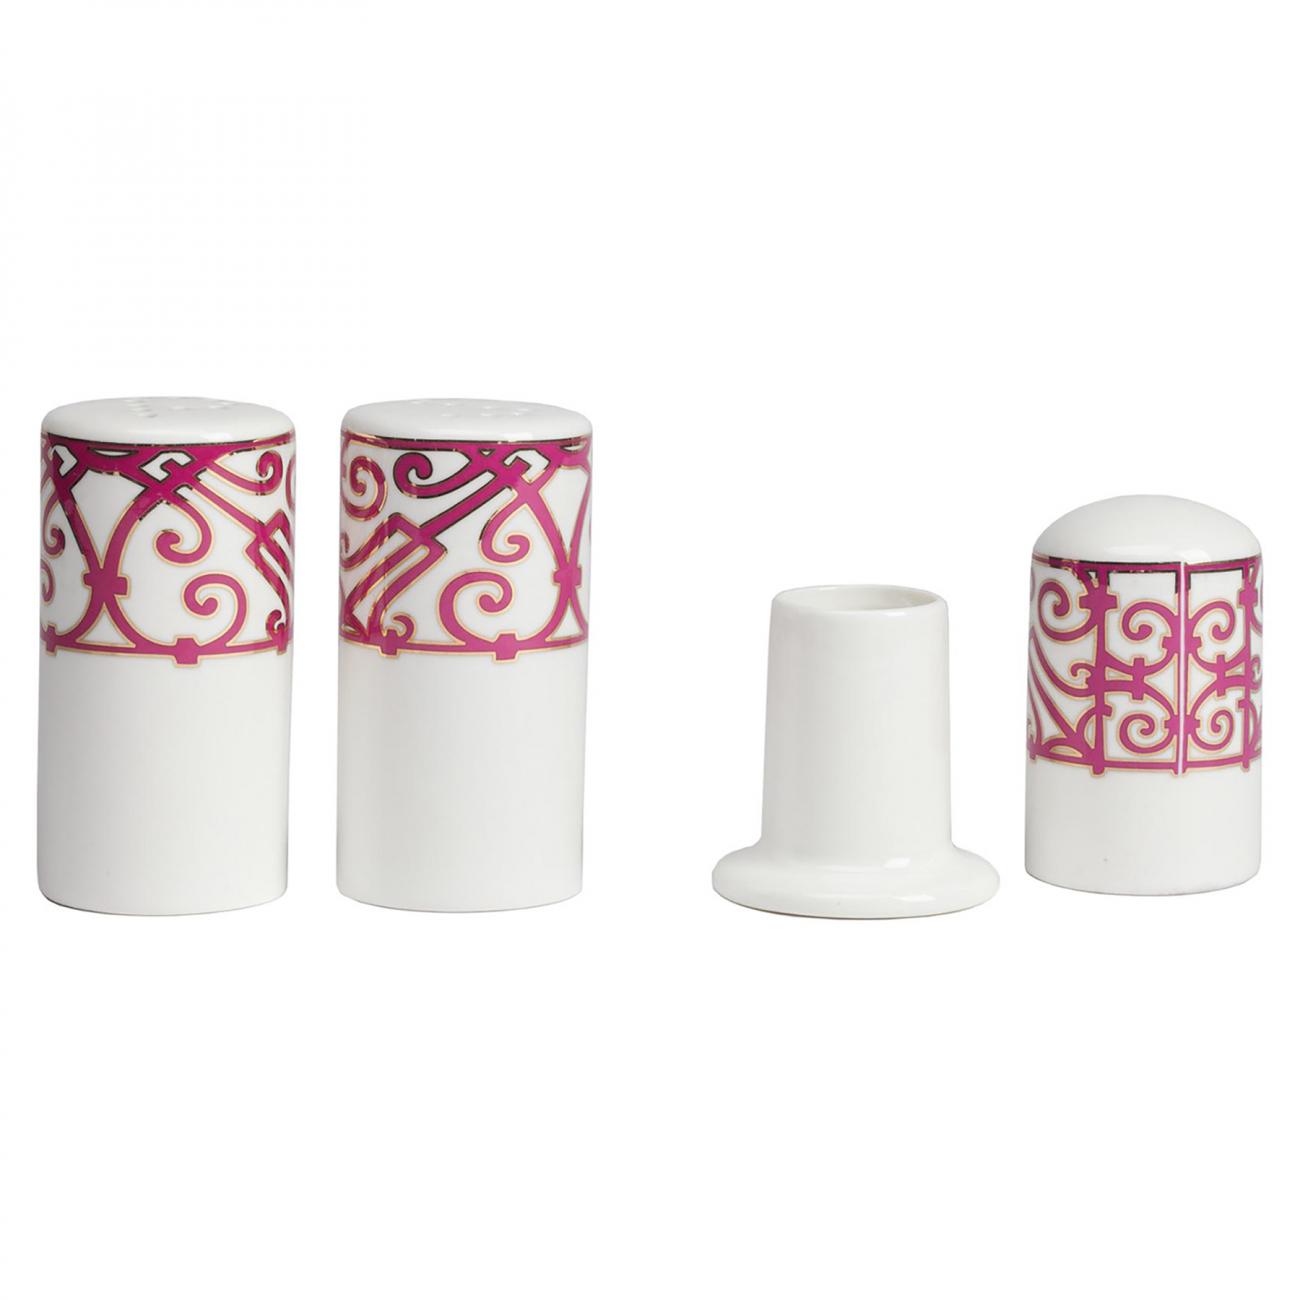 Купить Набор для специй Sienna в интернет магазине дизайнерской мебели и аксессуаров для дома и дачи